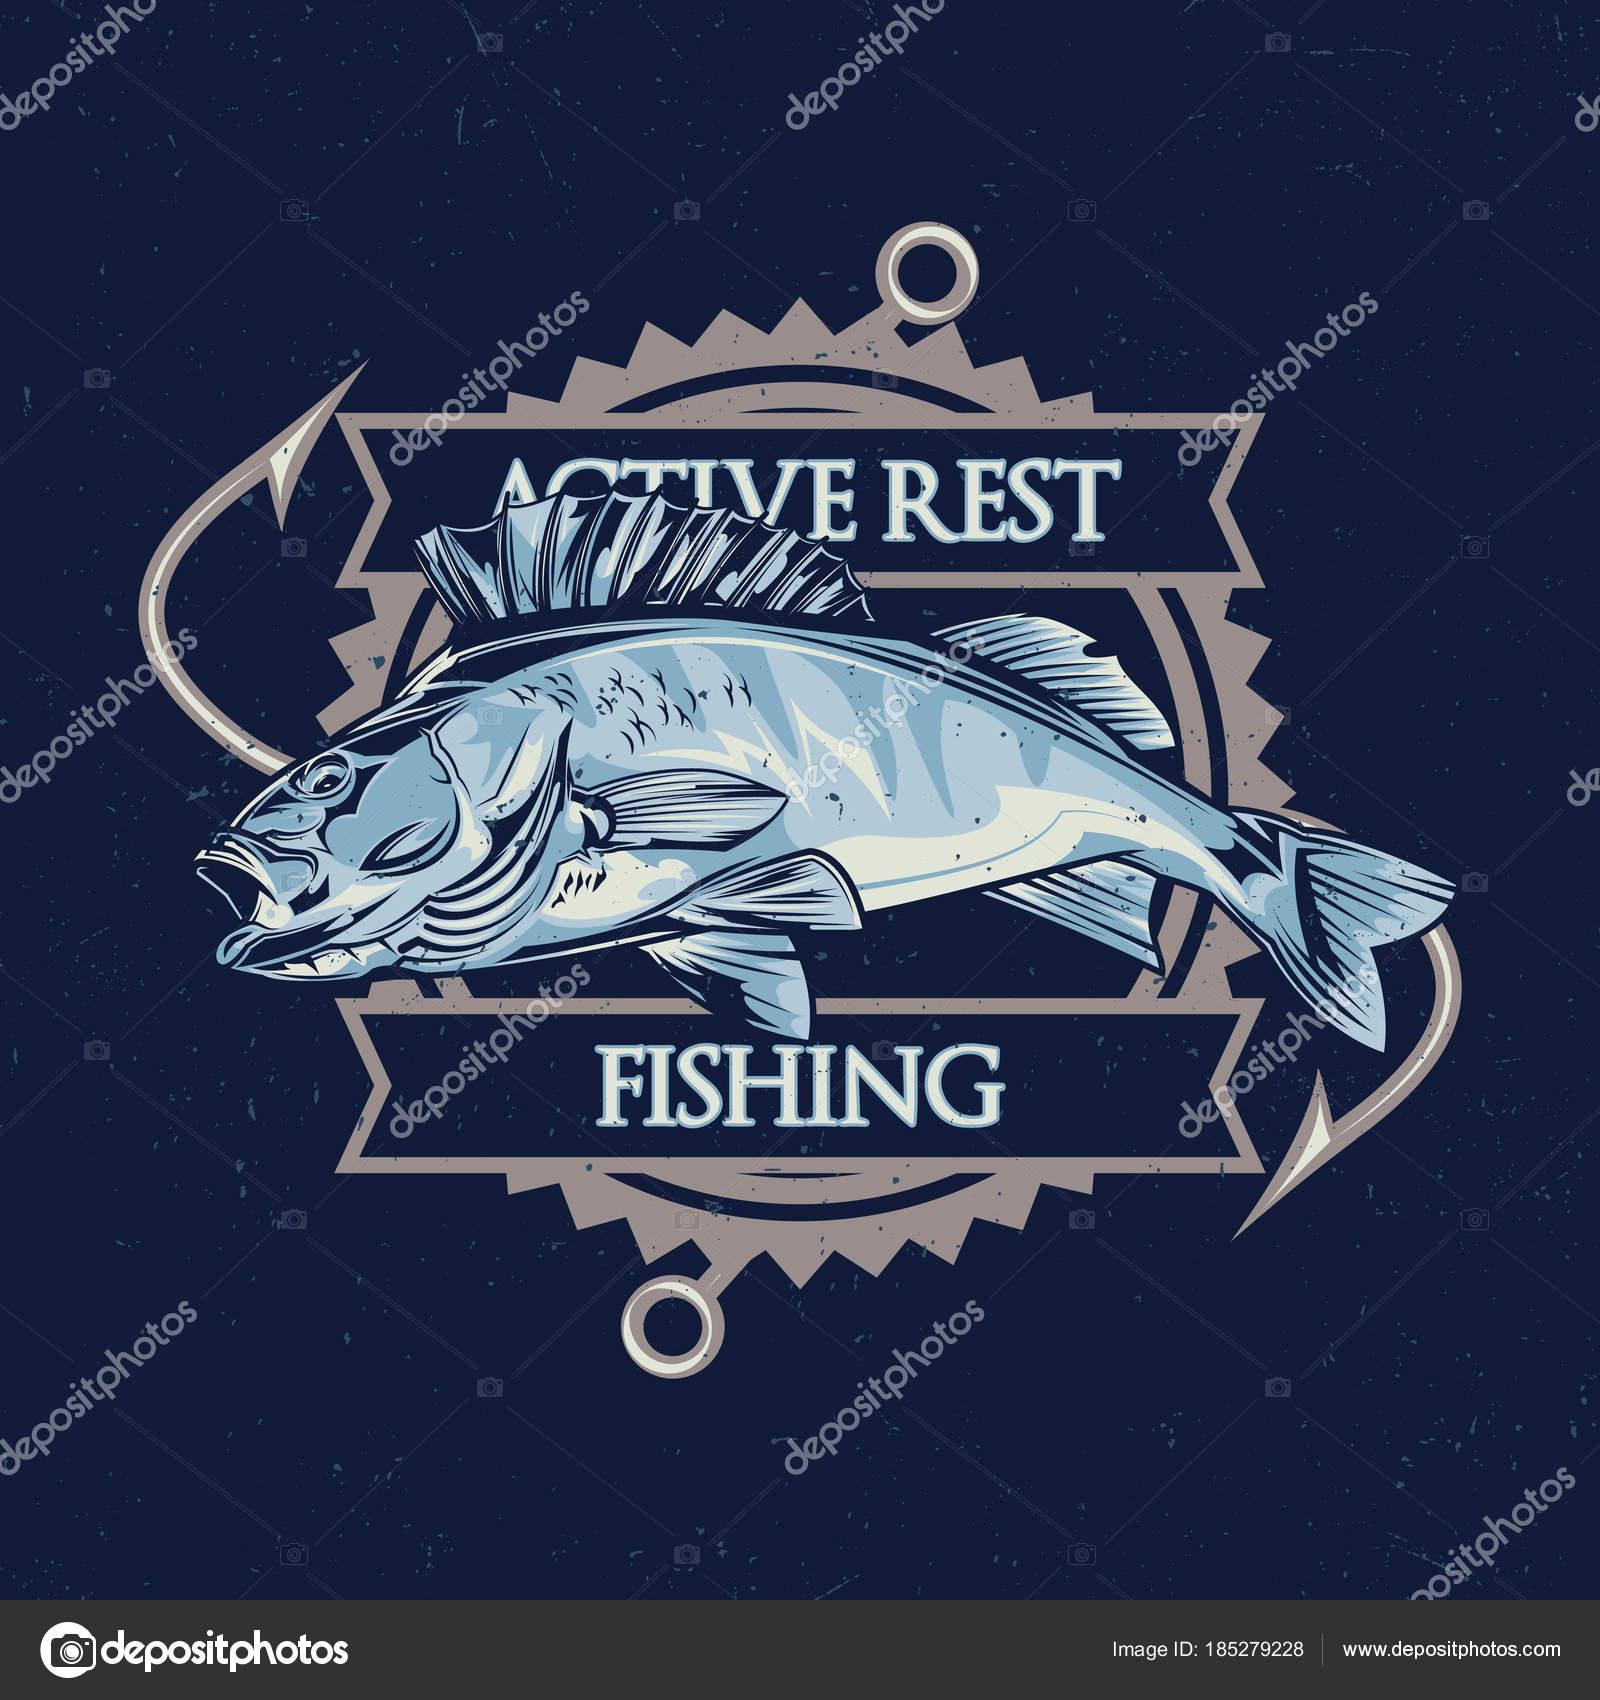 Disegno etichetta della maglietta tema nautico con illustrazione dei pesci  — Vettoriali di antonantipov 807abca2e9c1